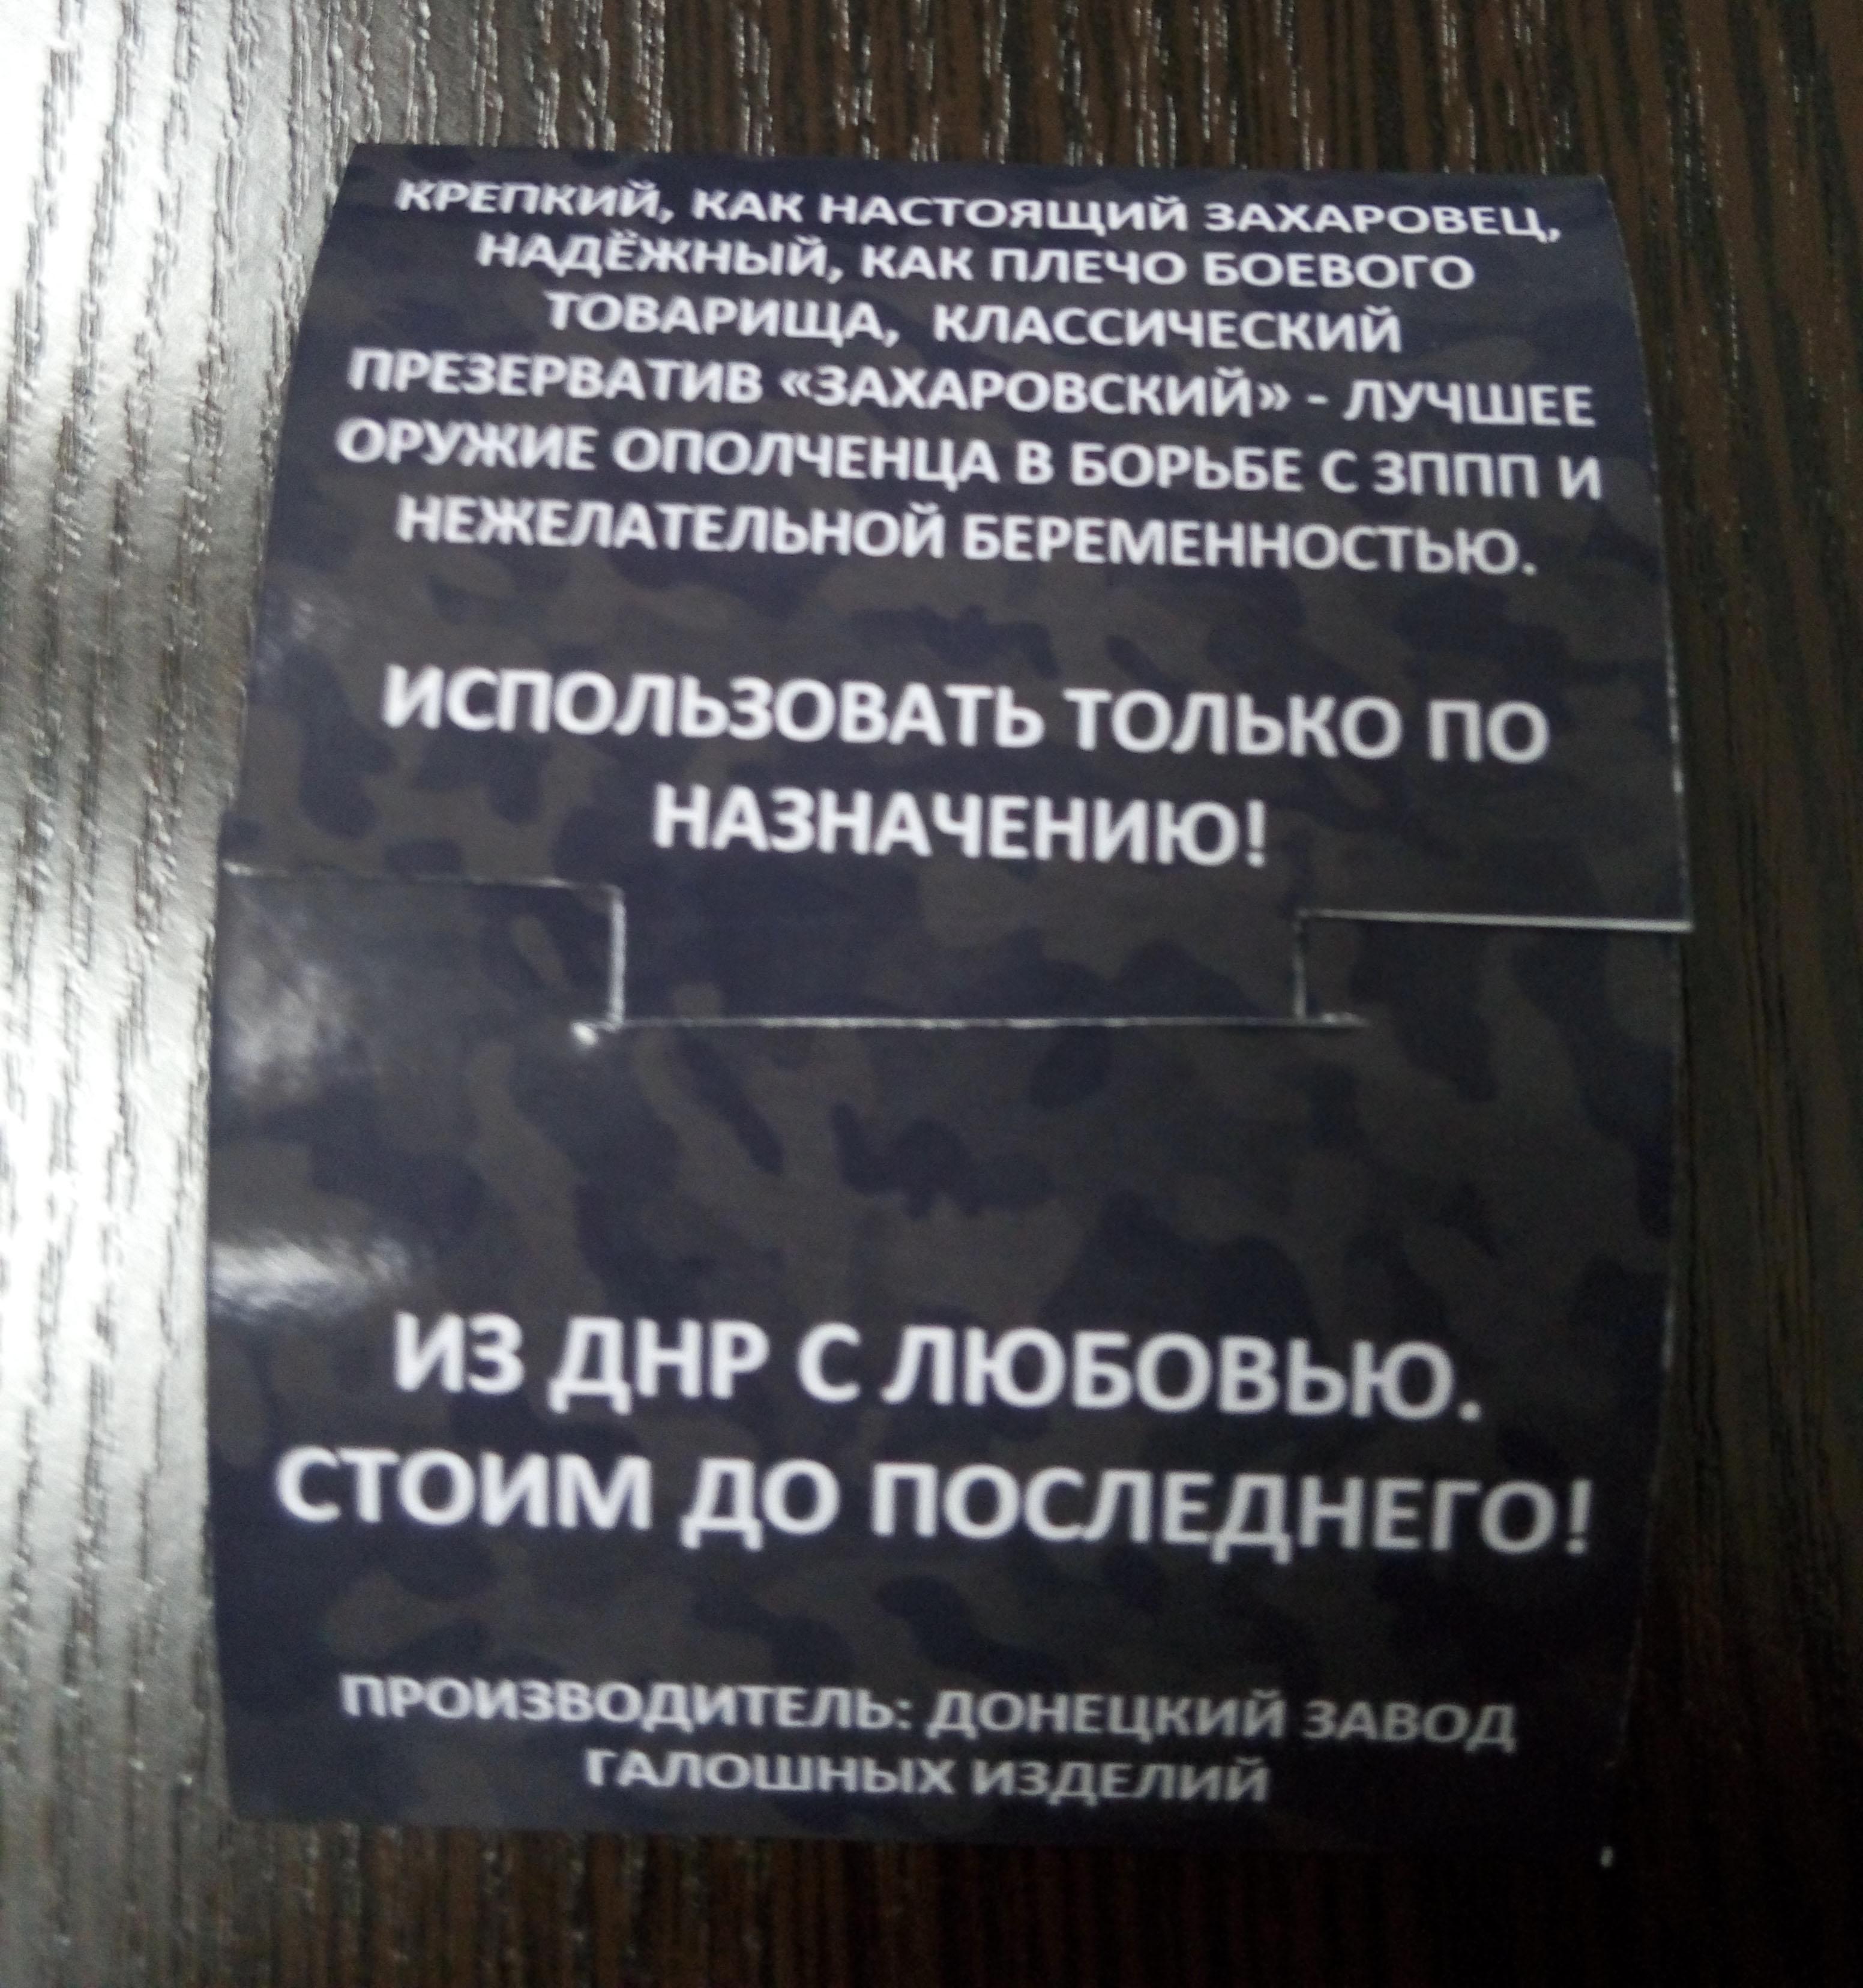 """""""Вчера было 42 обстрела. Это не пример улучшения"""", -  Полторак о ситуации на Донбассе - Цензор.НЕТ 3152"""